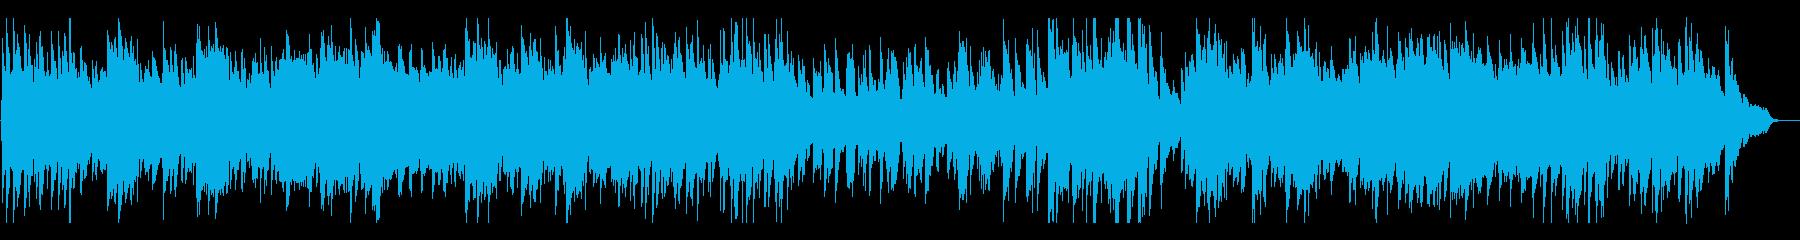 バーに似合う、ピアノ×サックスのバラードの再生済みの波形